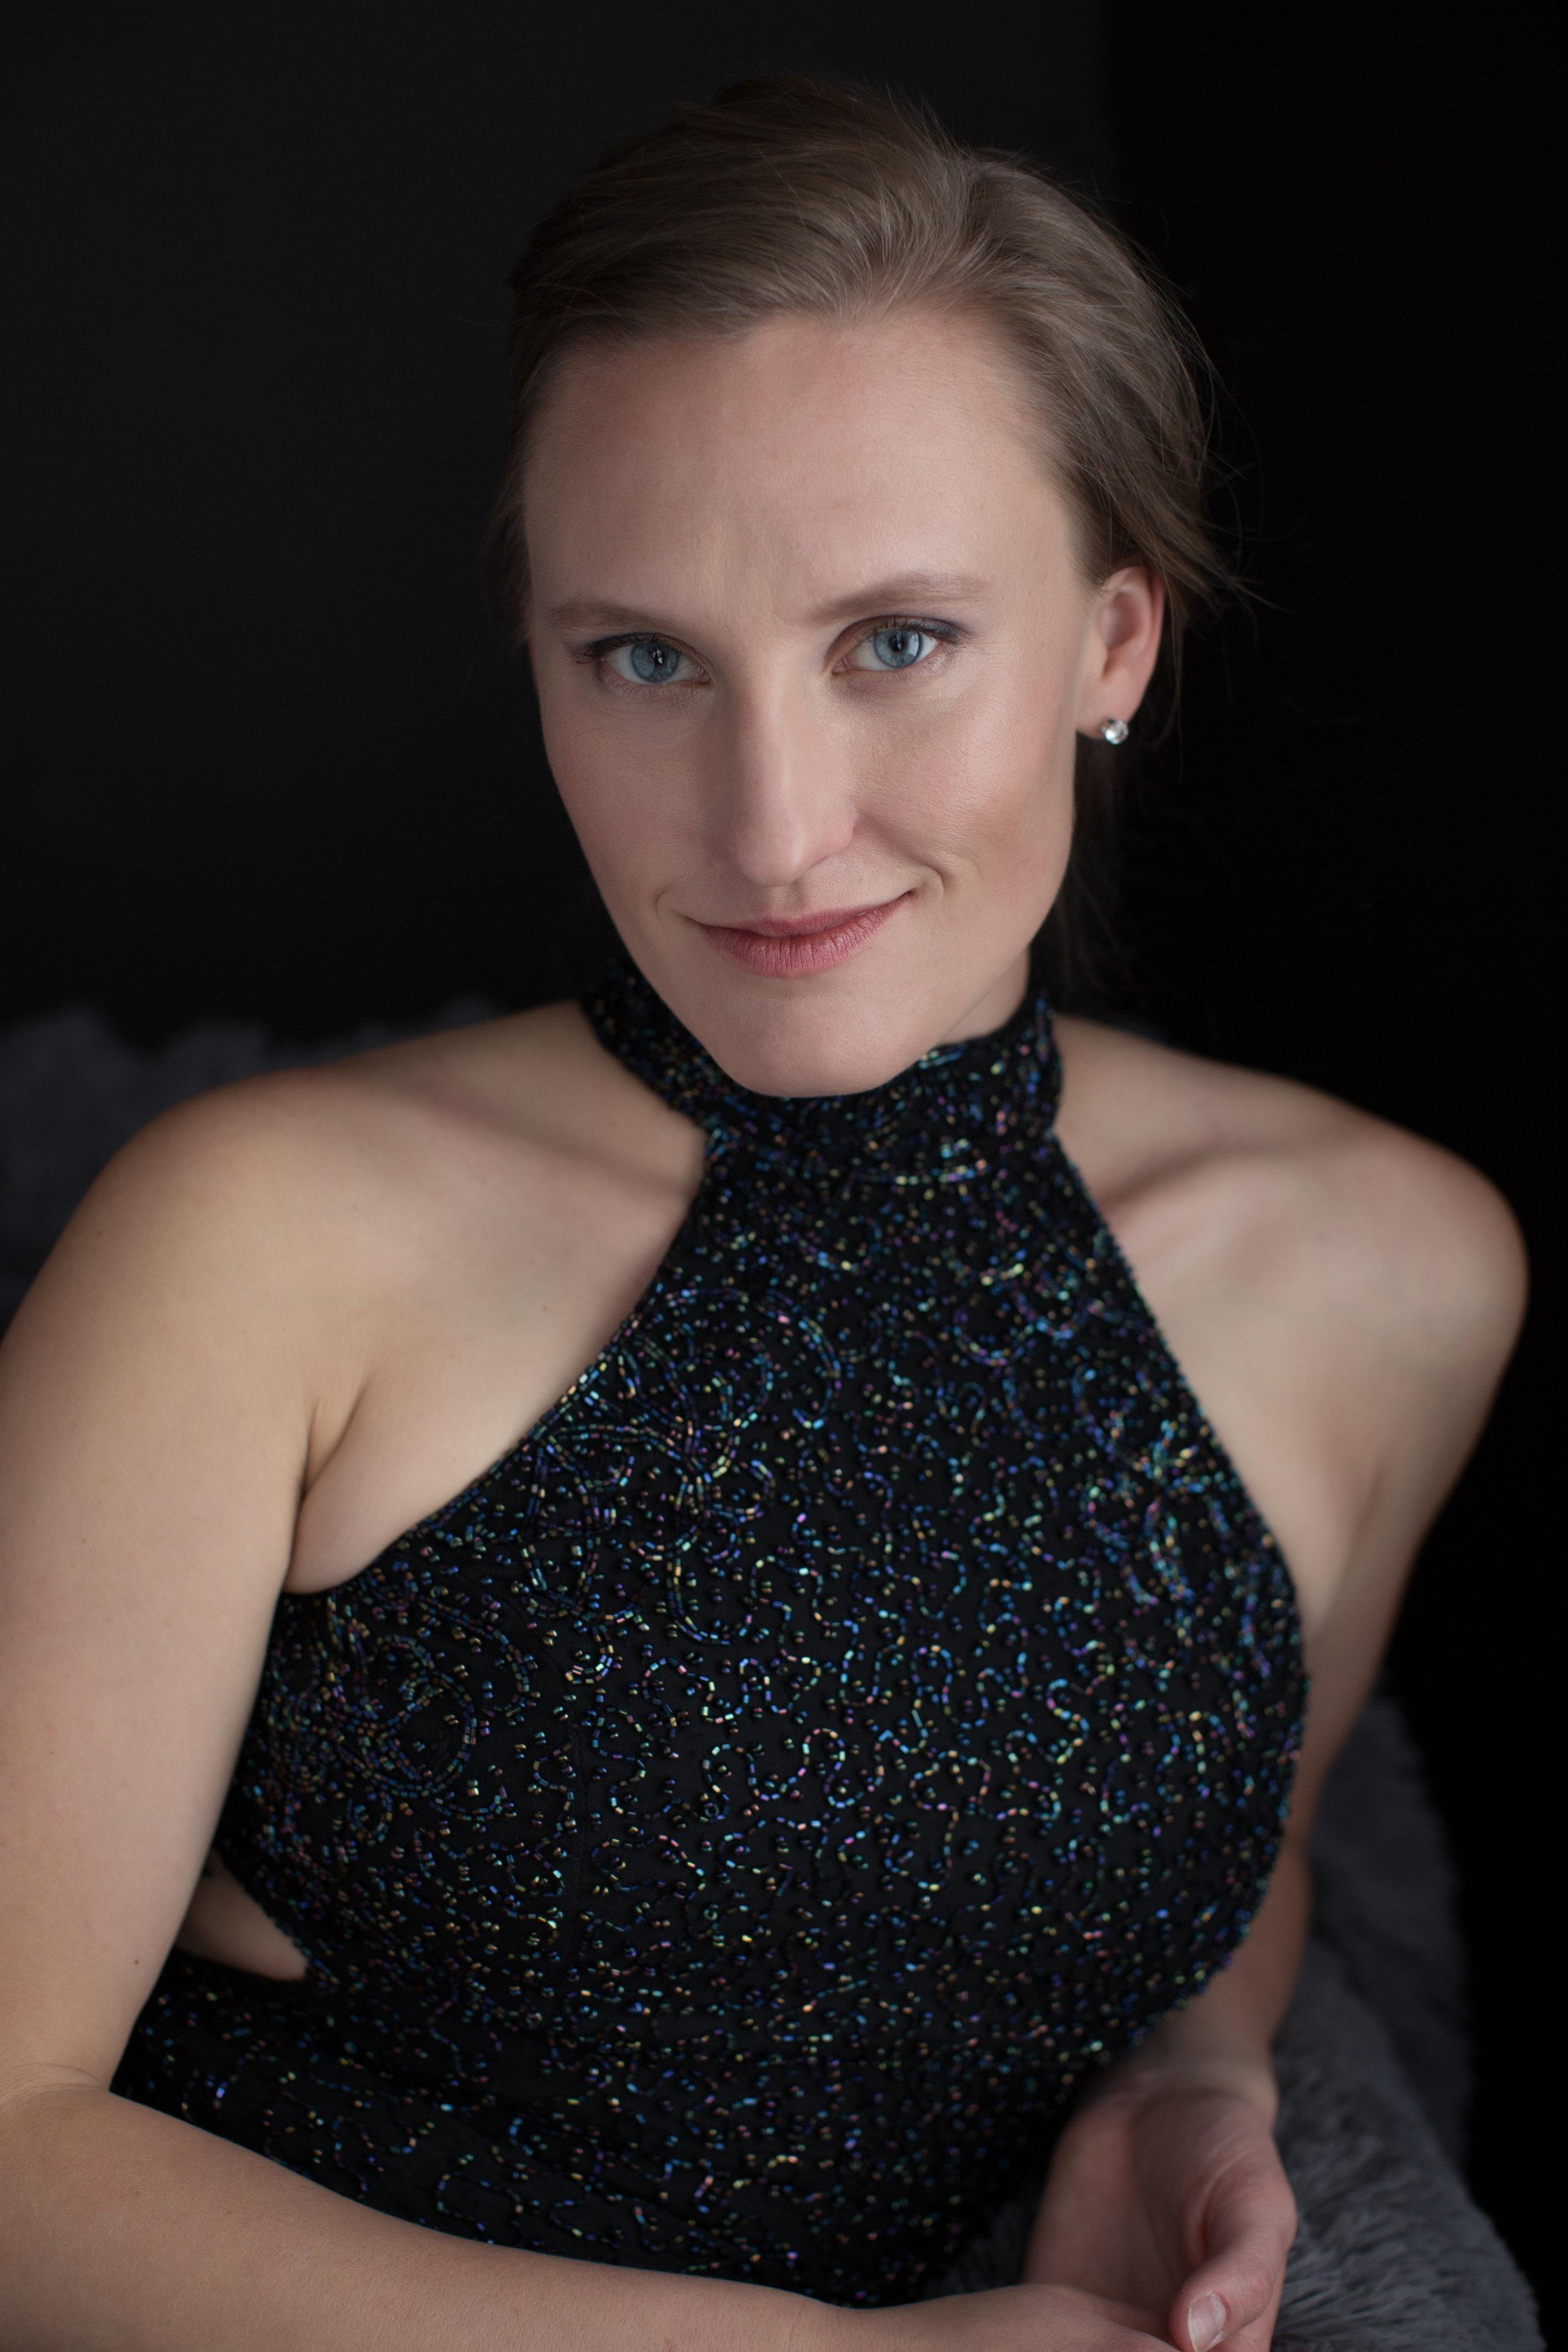 Claire McCahan